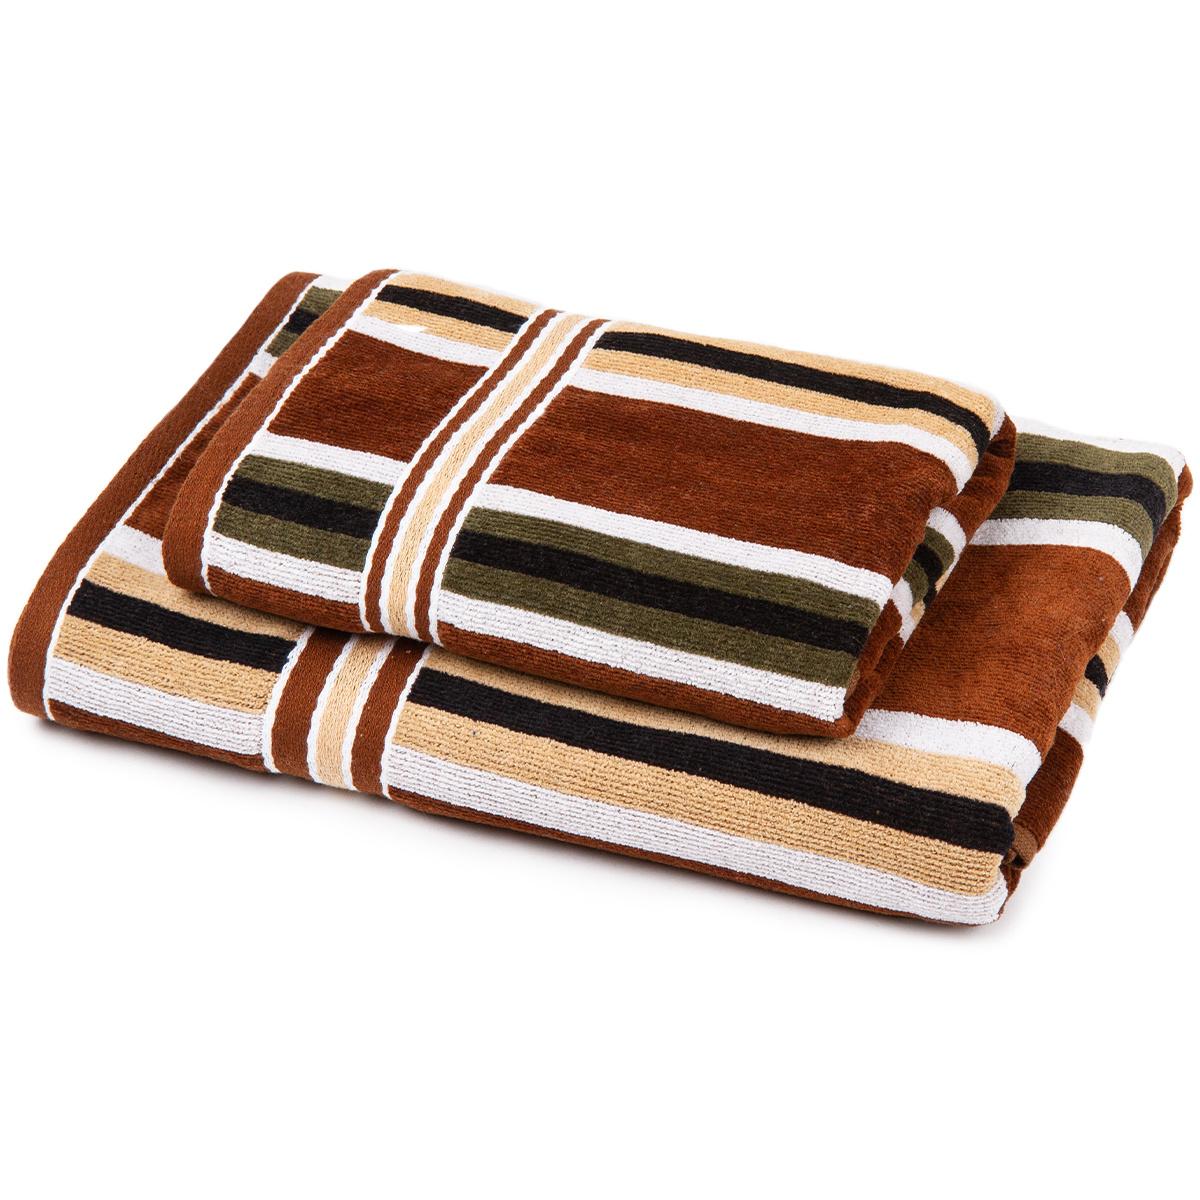 Jahu Sada Stripes Harmonized ručník a osuška, 70 x 140 cm, 50 x 90 cm